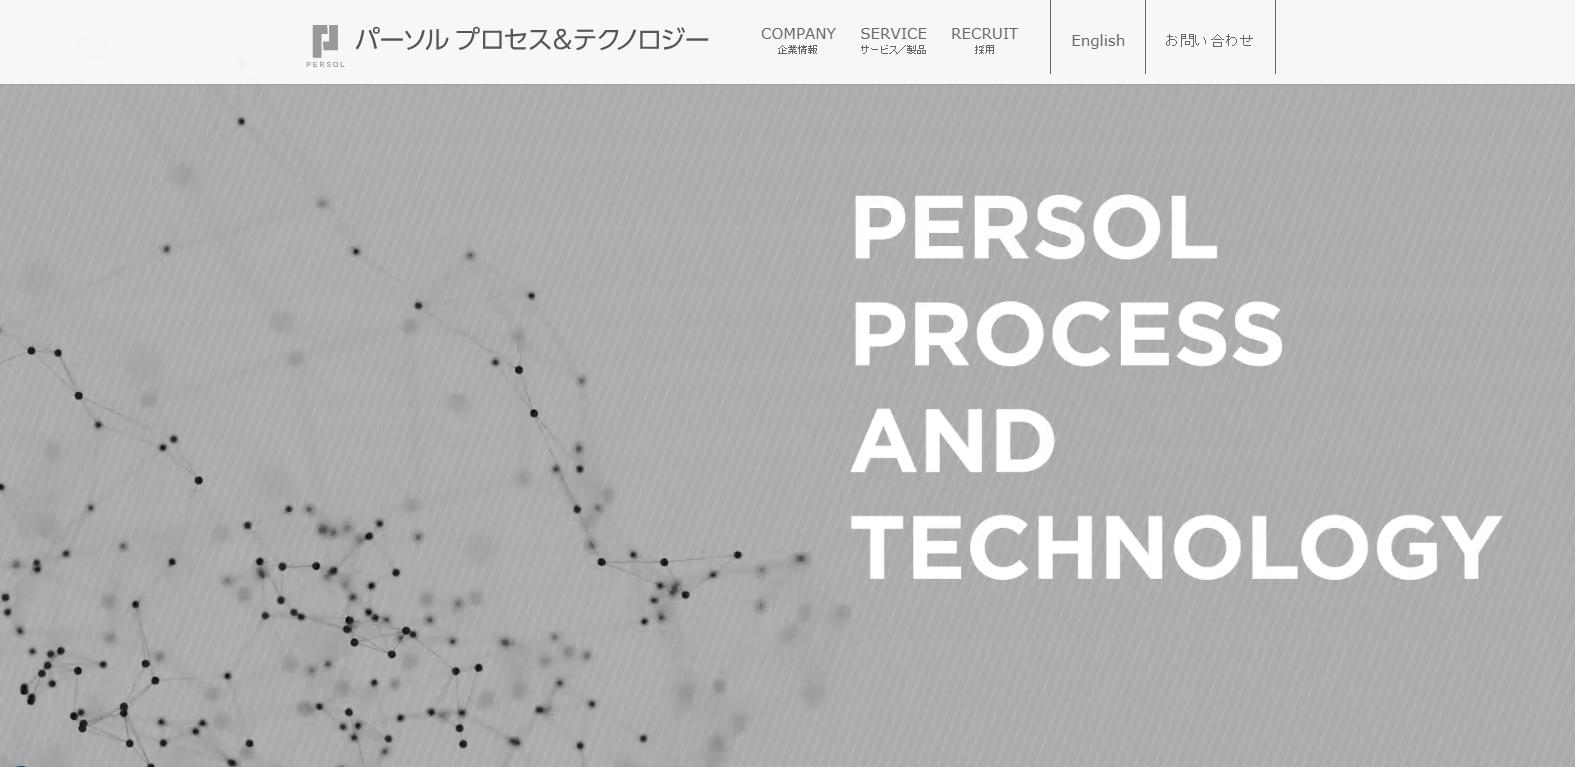 雇用創出にも期待。パーソルプロセス&テクノロジー、仙台第3コンタクトセンター開所